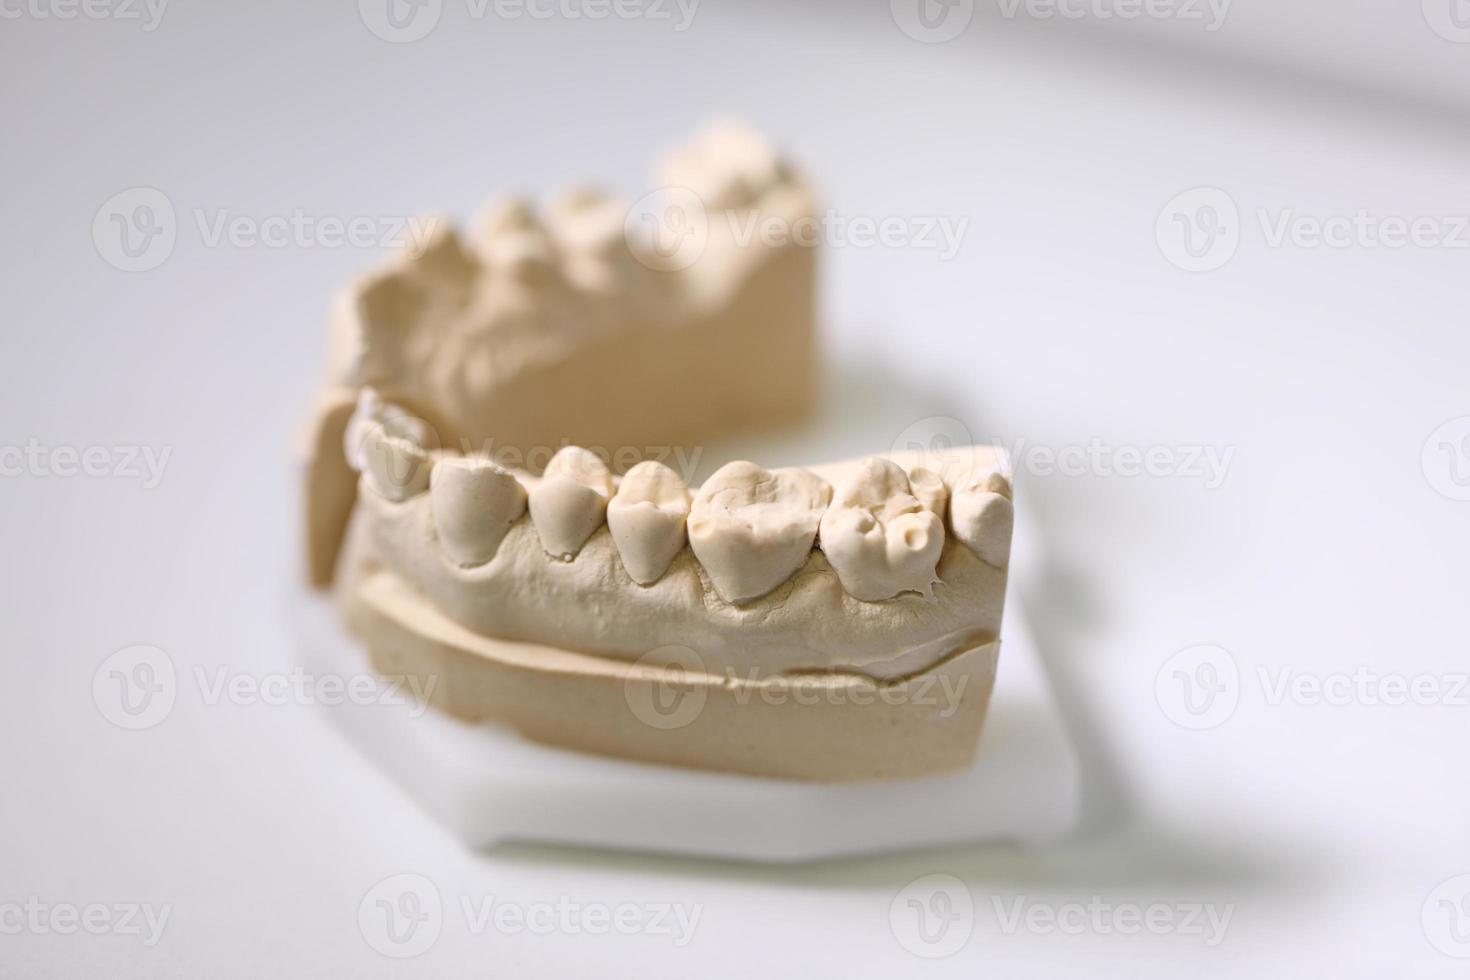 objetos de dentista foto